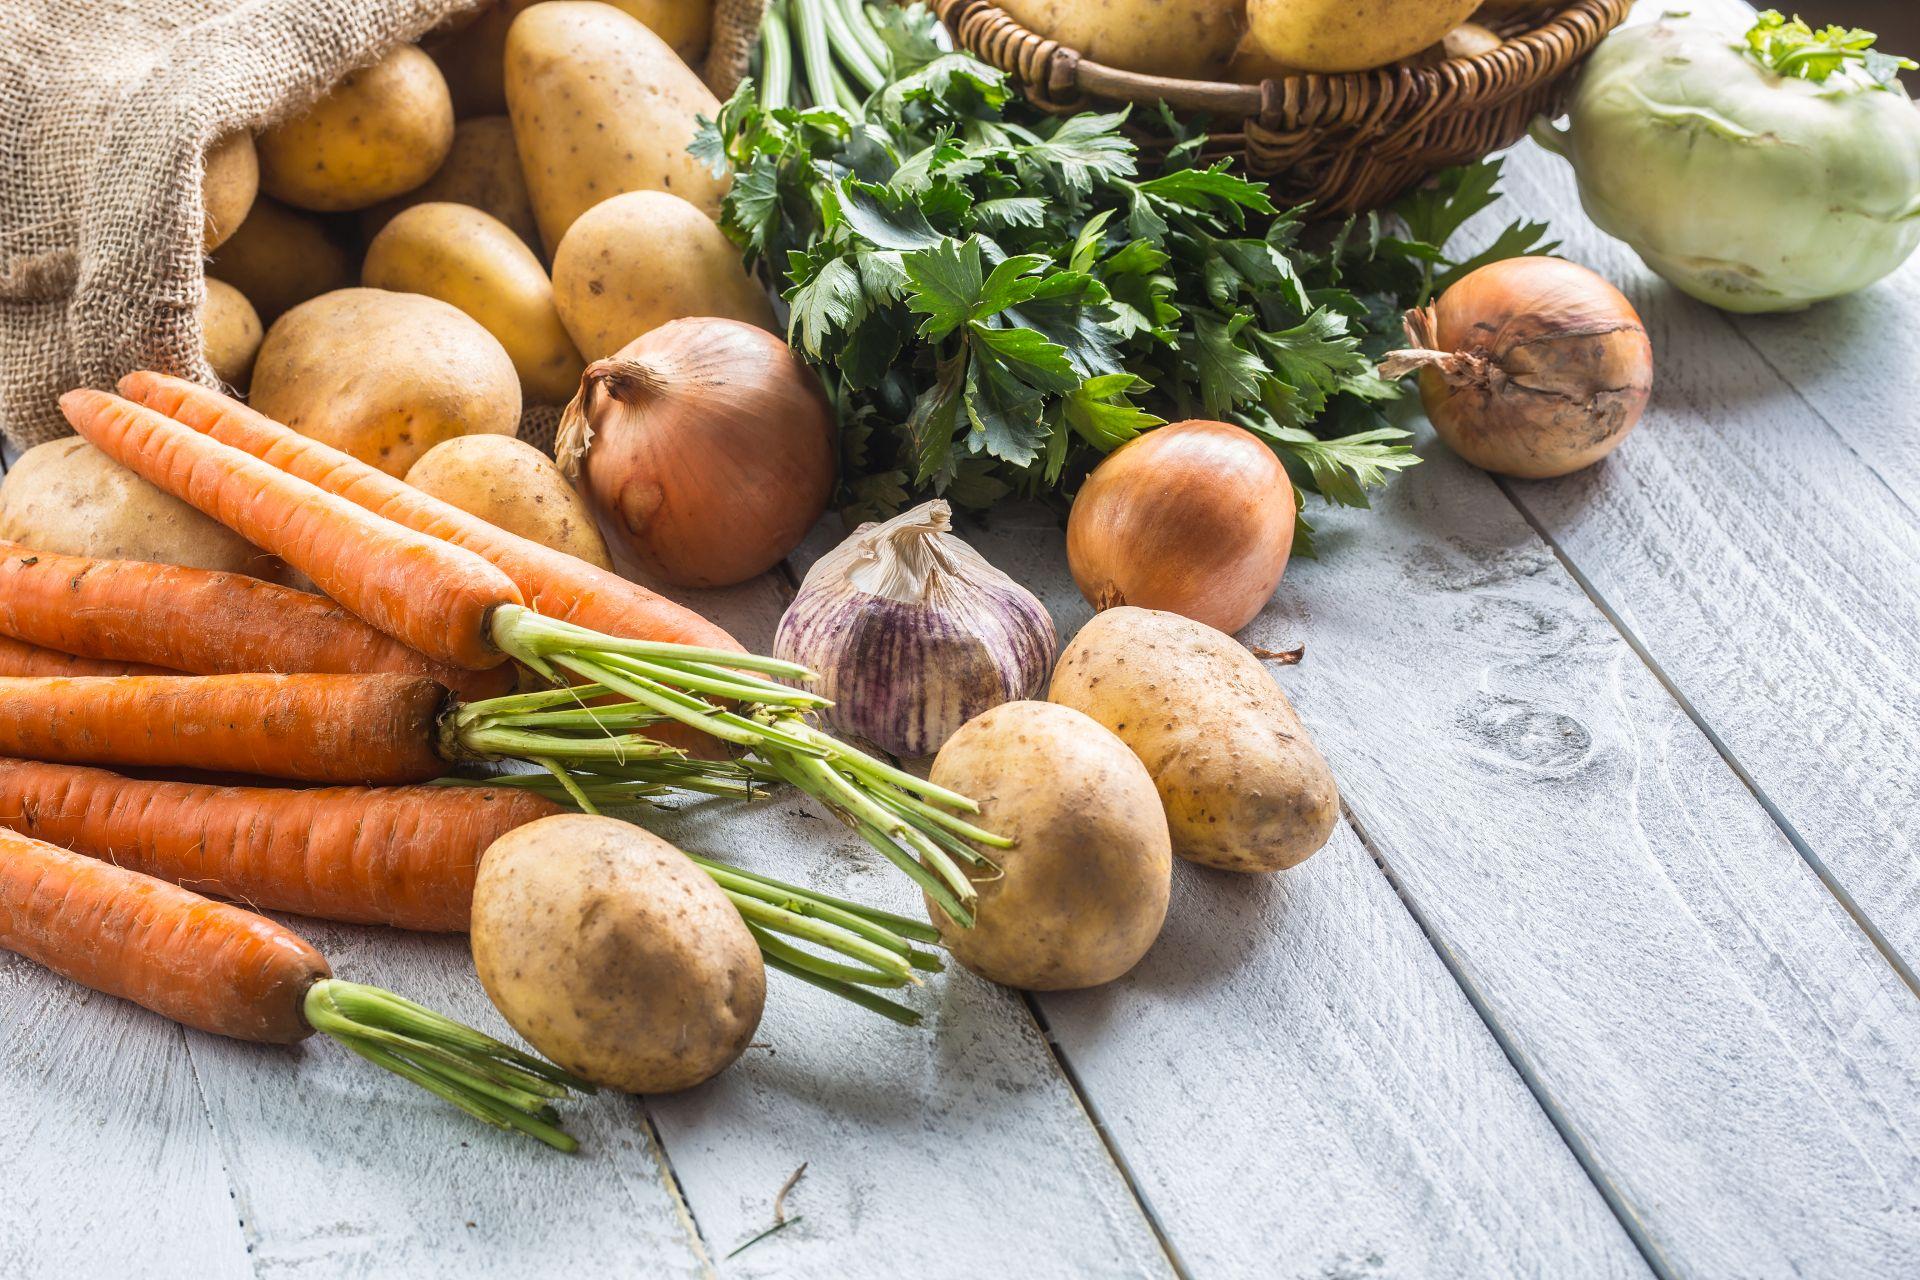 Co jeść zimą, aby czuć się dobrze? Jakie warzywa i owoce wybierać, aby czerpać z nim najwięcej składników odżywczych? Wzbogacaj dietę zimową o kwas DHA, kwasy Omega-3 i sterole roślinne.